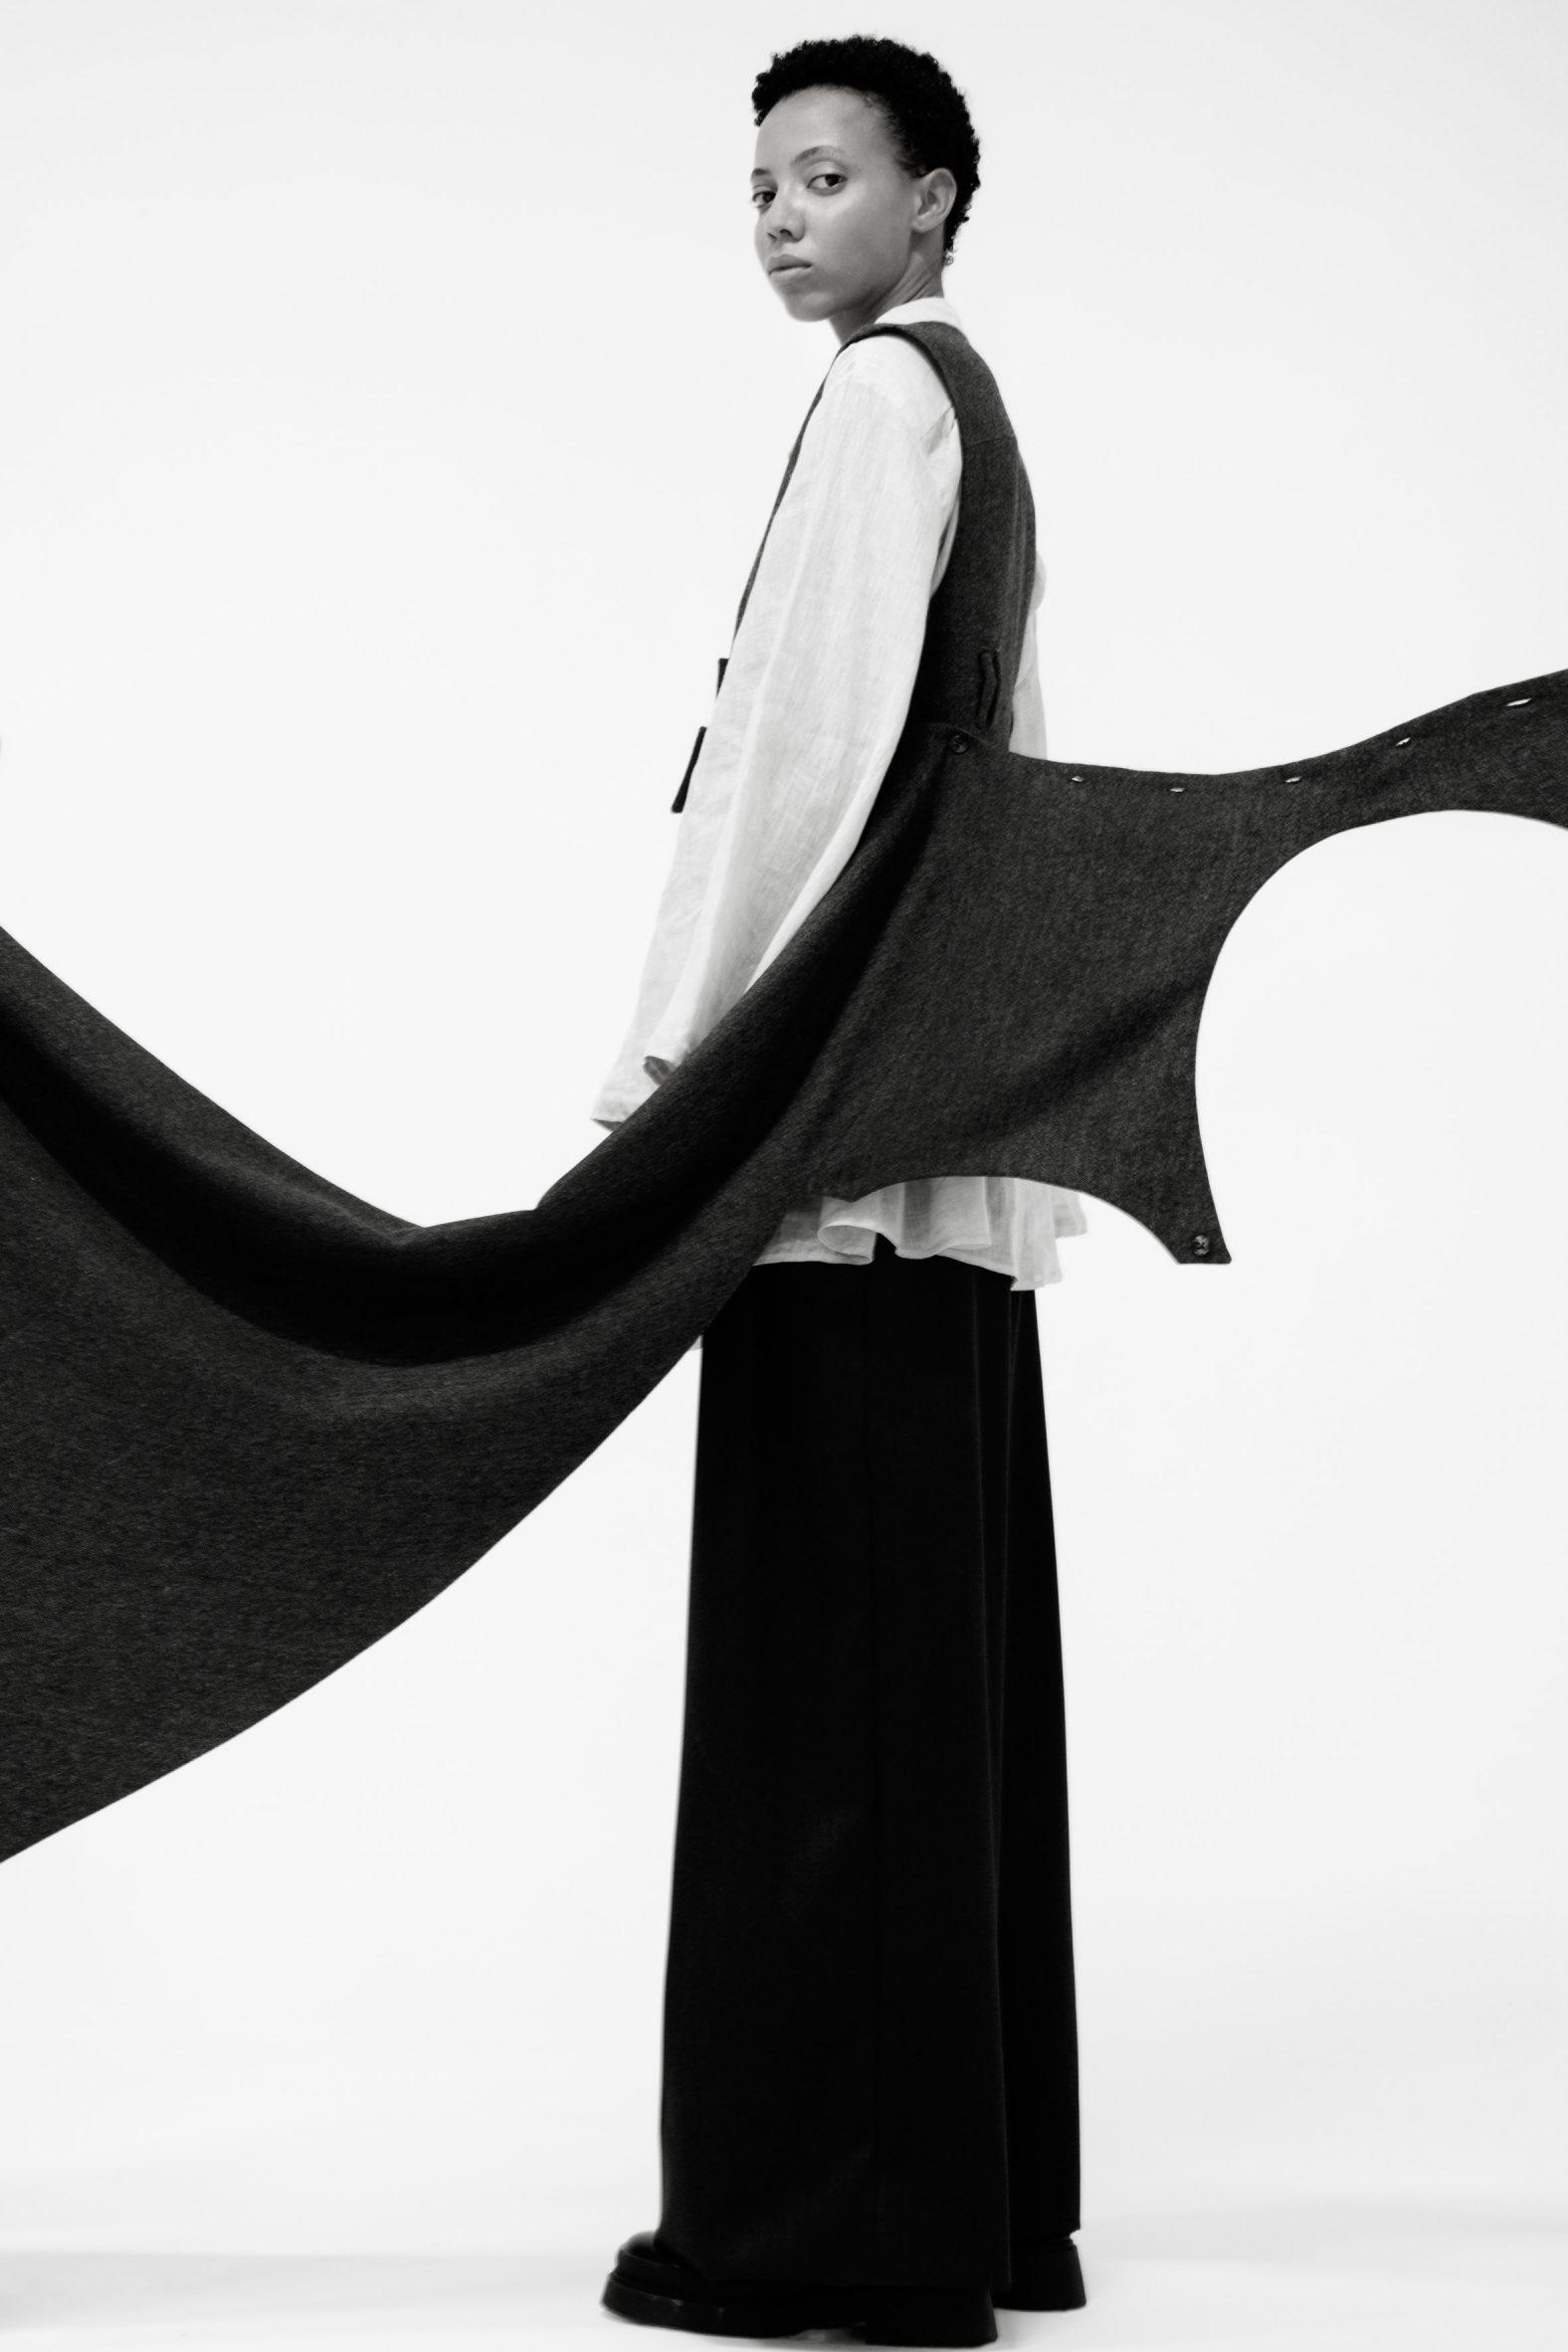 BA Fashion by Ana Maria Atanaskovic